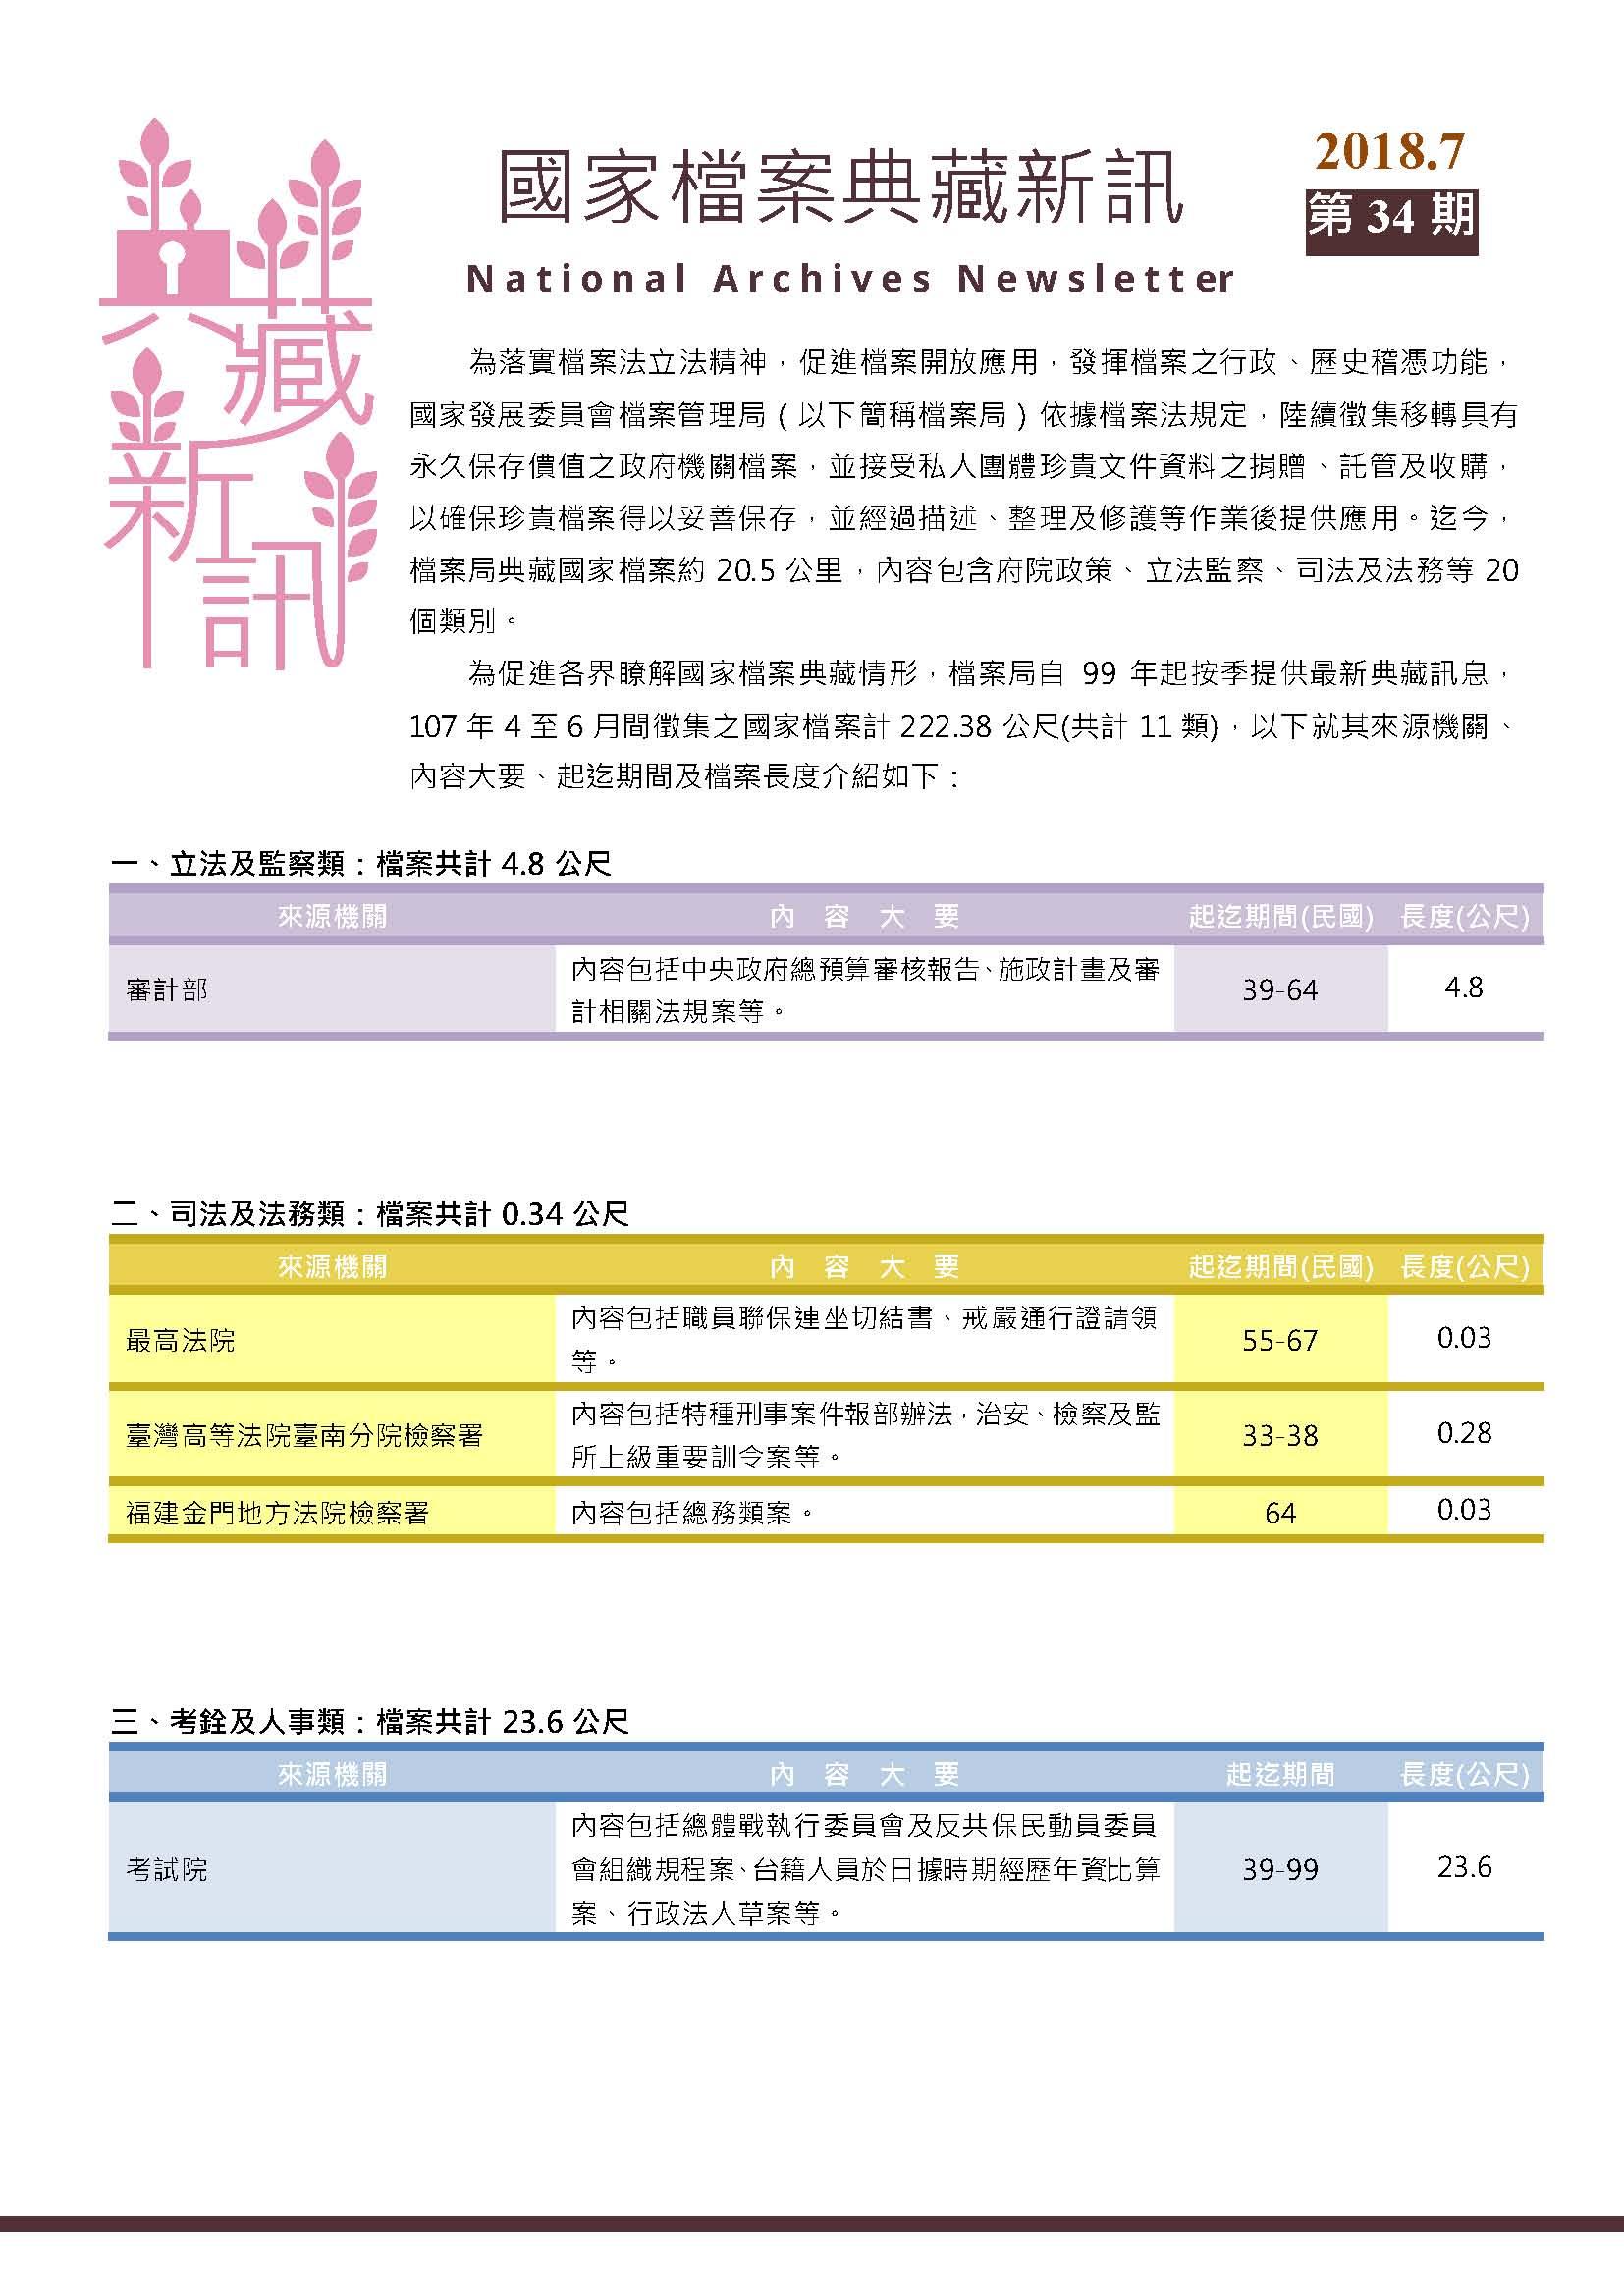 「國家檔案典藏新訊」第34期出刊